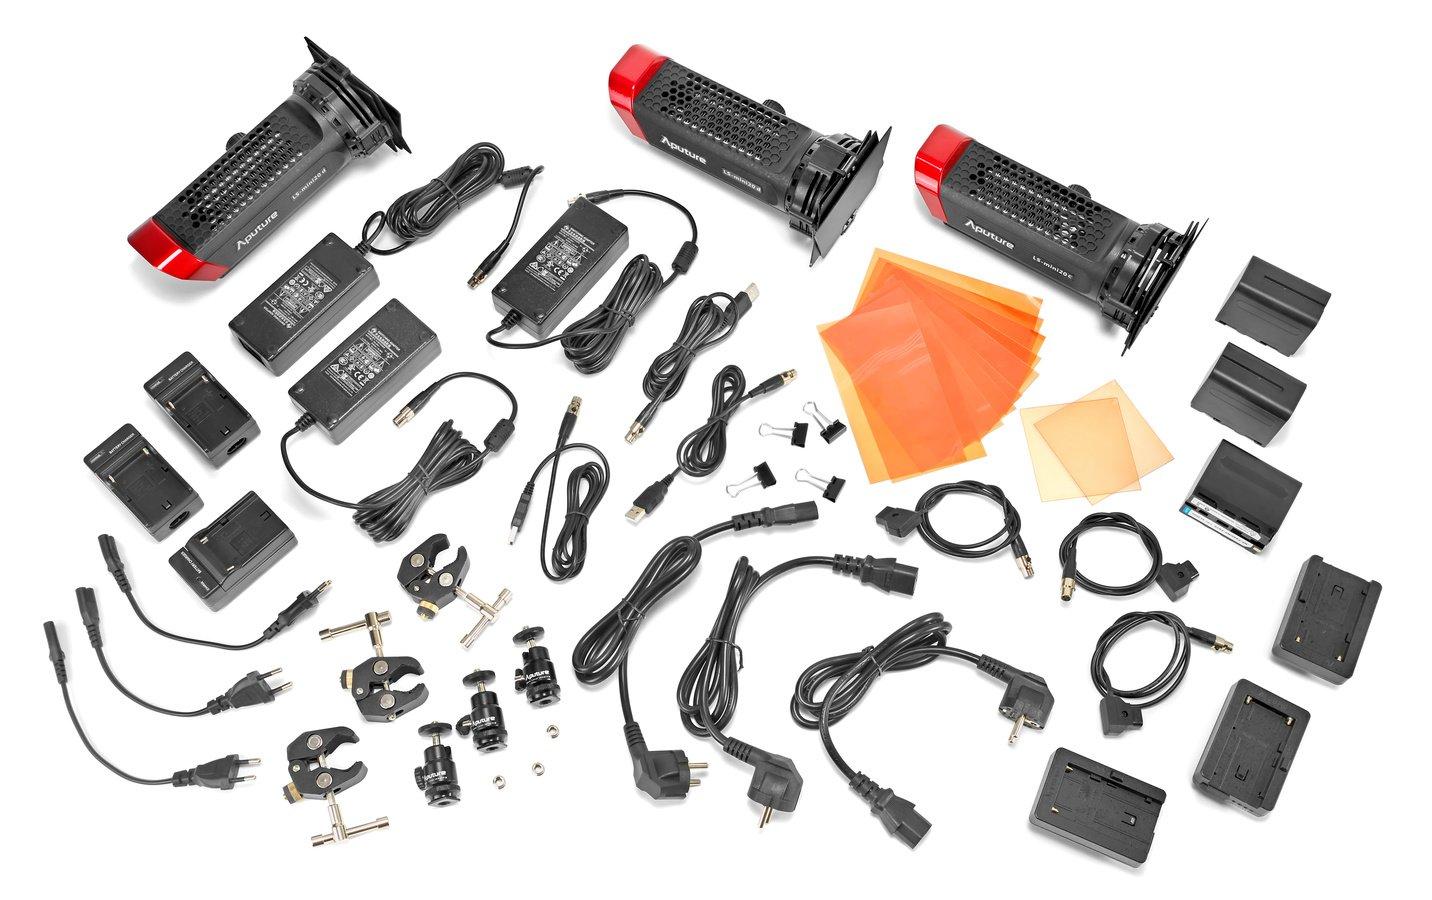 Lieferumfang drei Aputure LS mini20 Leuchten aus DDC Kit.